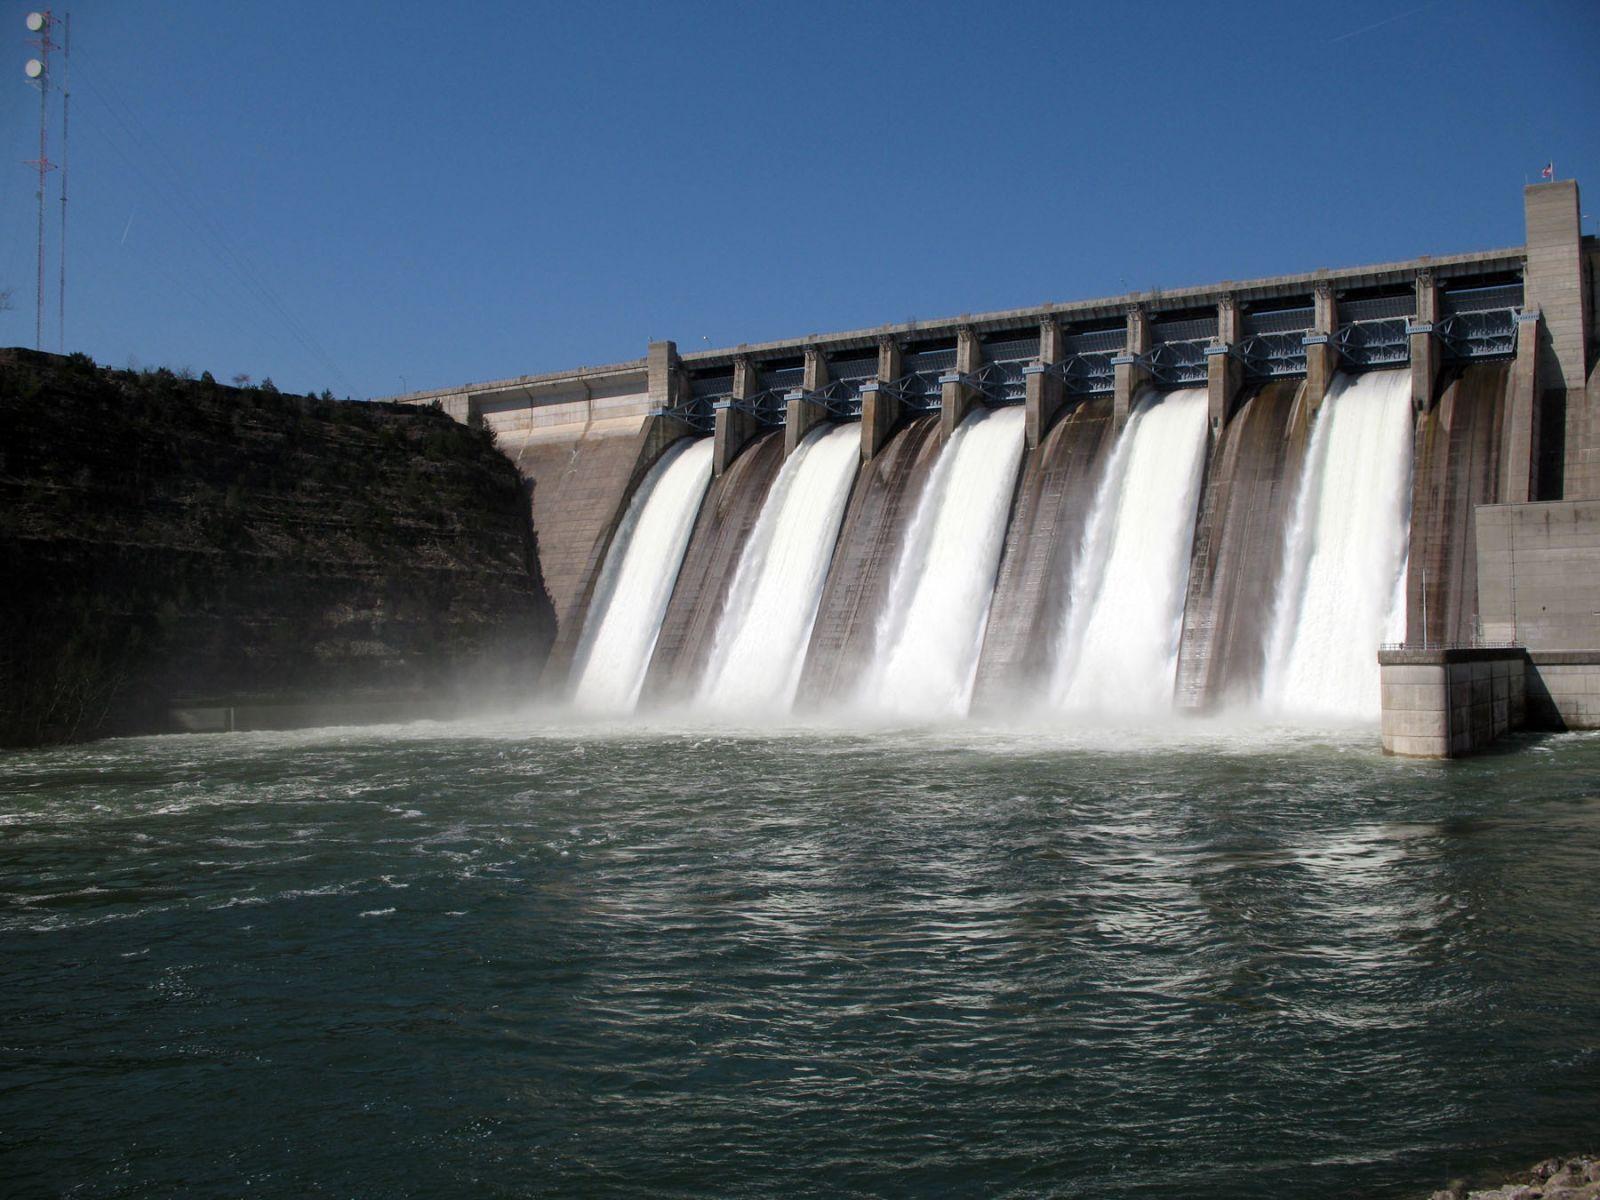 Картинки по запросу WWF: гидроэнергетика может быть опасной для природы и людей